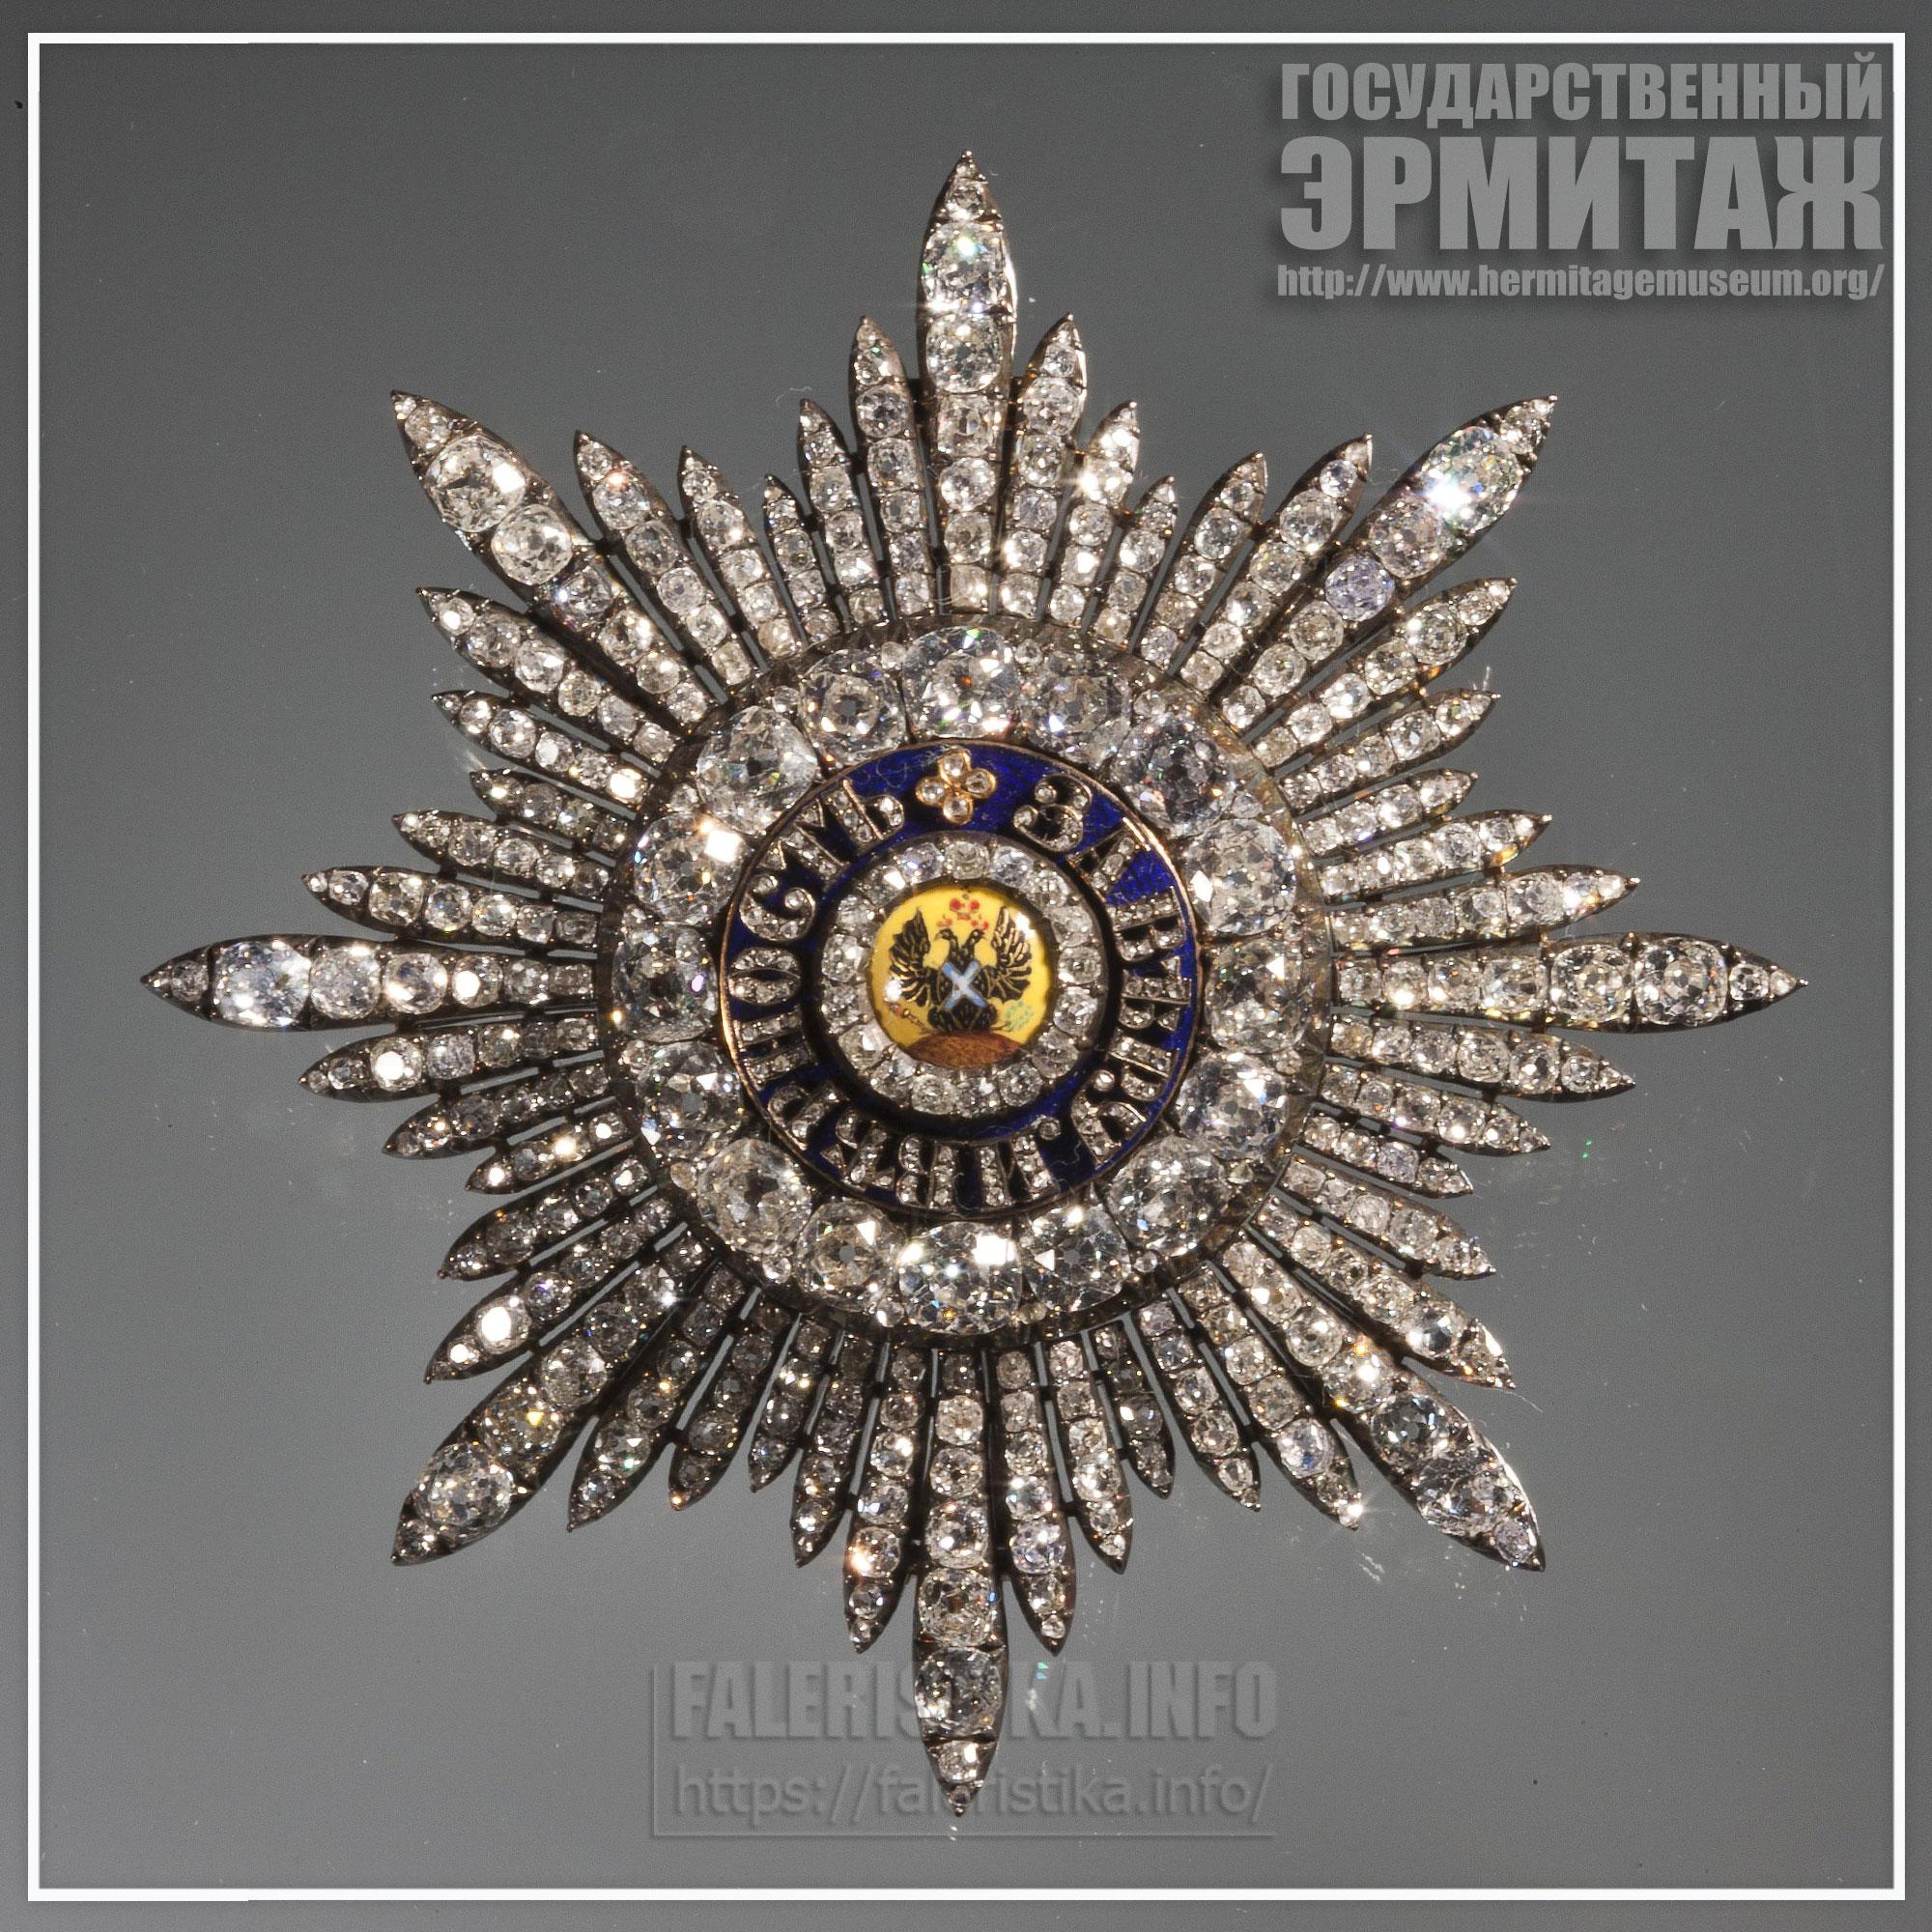 Звезда ордена Св. Андрея Первозванного Россия, Около 1800 г.